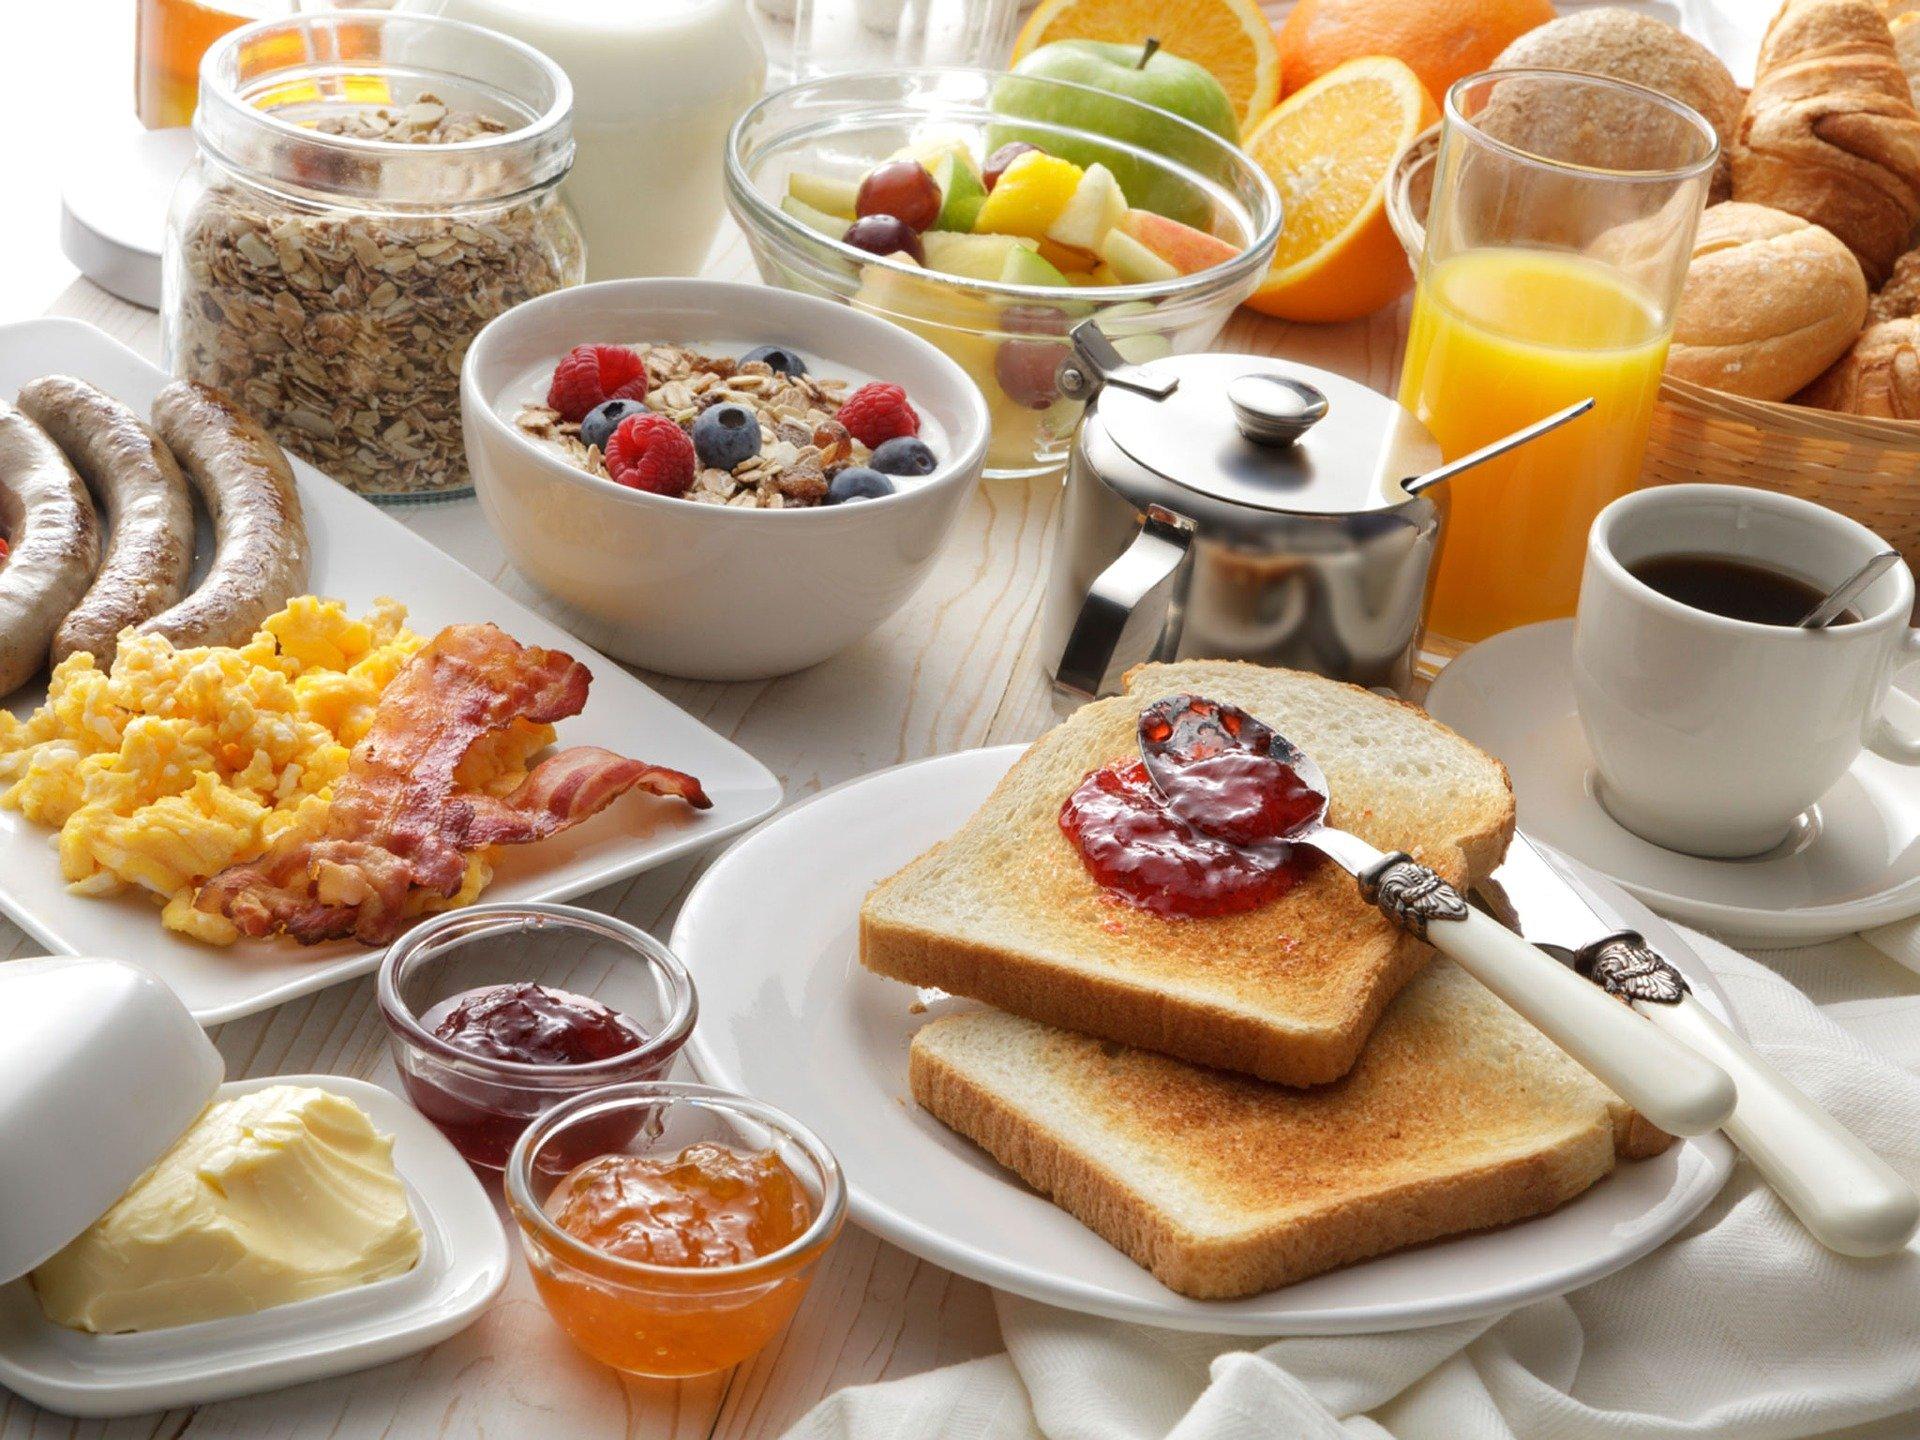 Foto: Frühstückstisch